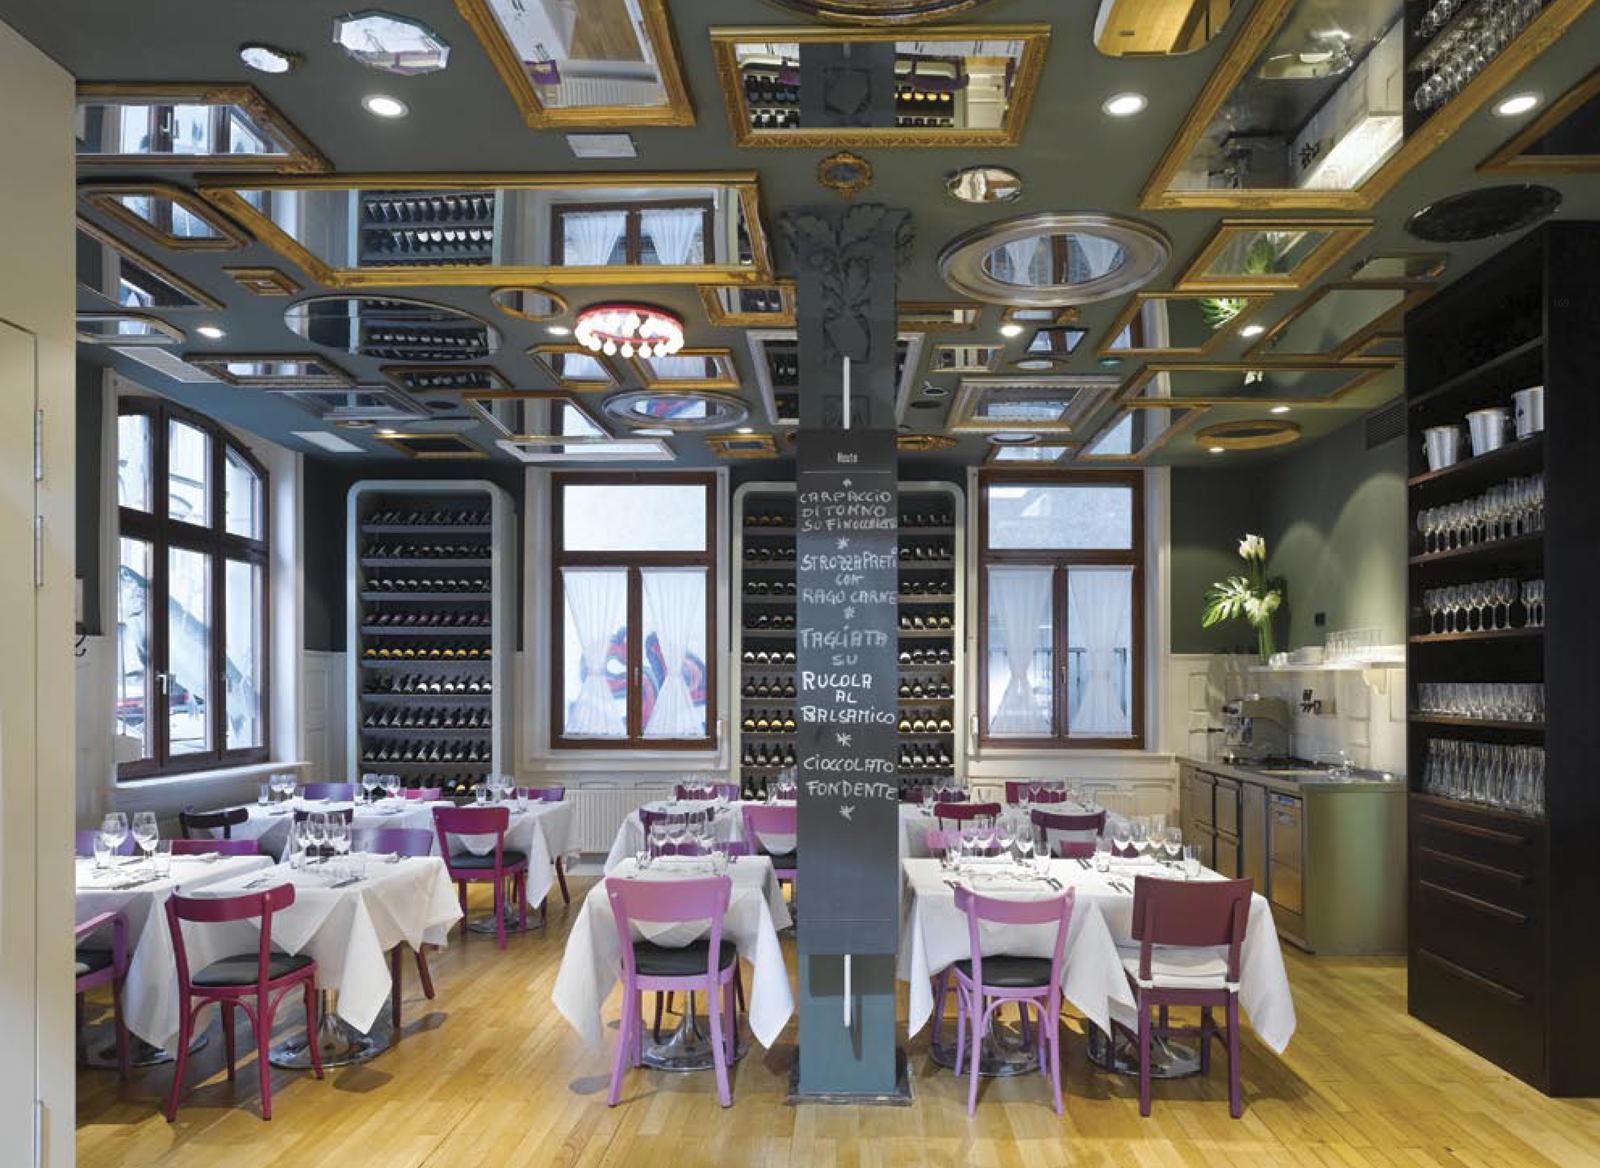 """Spread from <i>Design Taste</i>: <a href=""""http://www.bella-italia-weine.de"""">Bella Italia Weine</a> restaurant in Stuttgart, Germany. Interior design by <a href=""""http://www.ifgroup.org"""">Ippolito Fleitz Group</a>."""